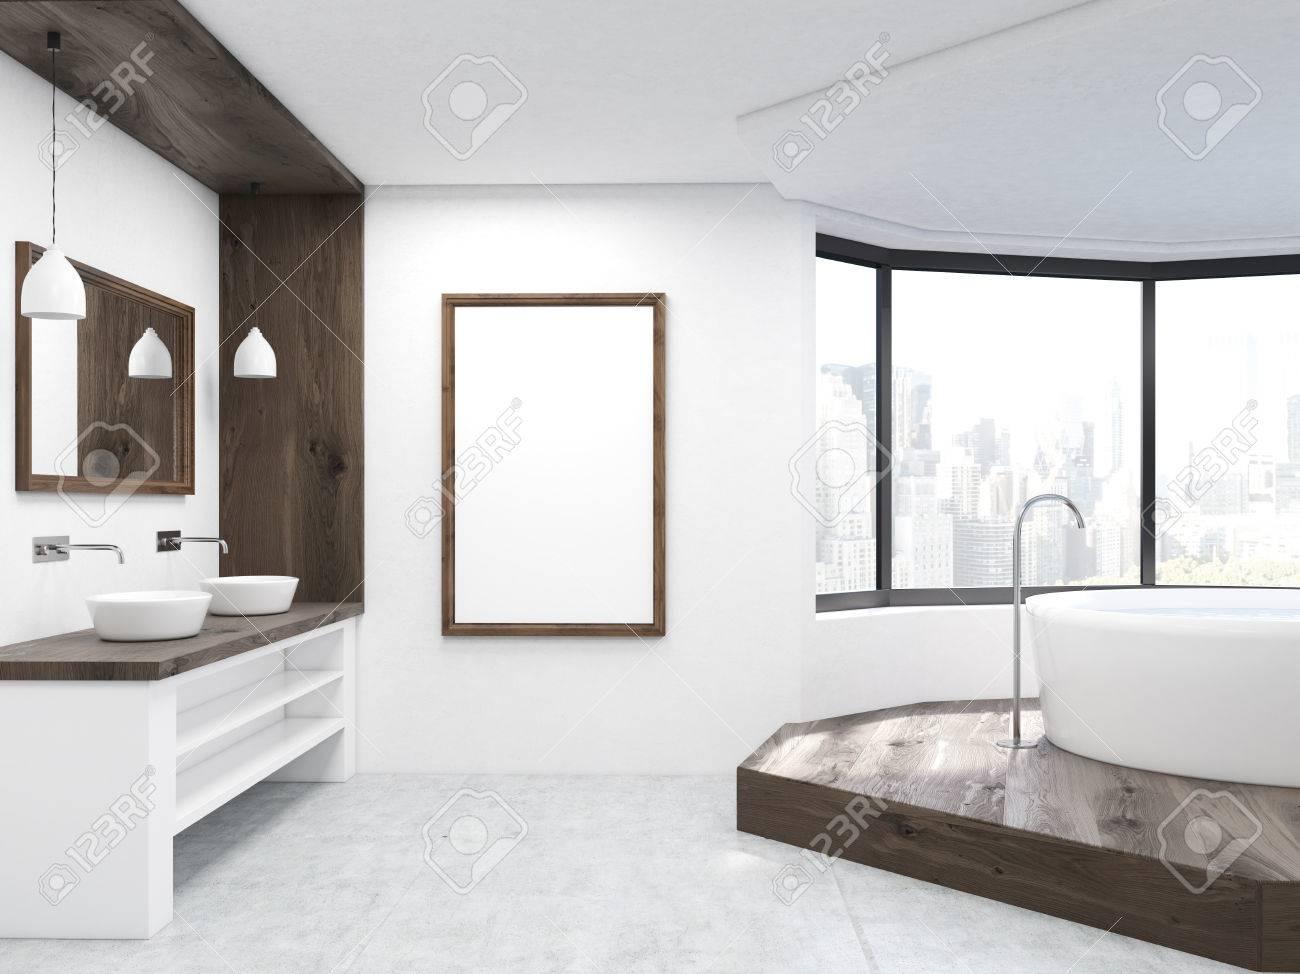 Großes Badezimmer-Interieur Mit Vertikalen Bild, Waschbecken Und ...